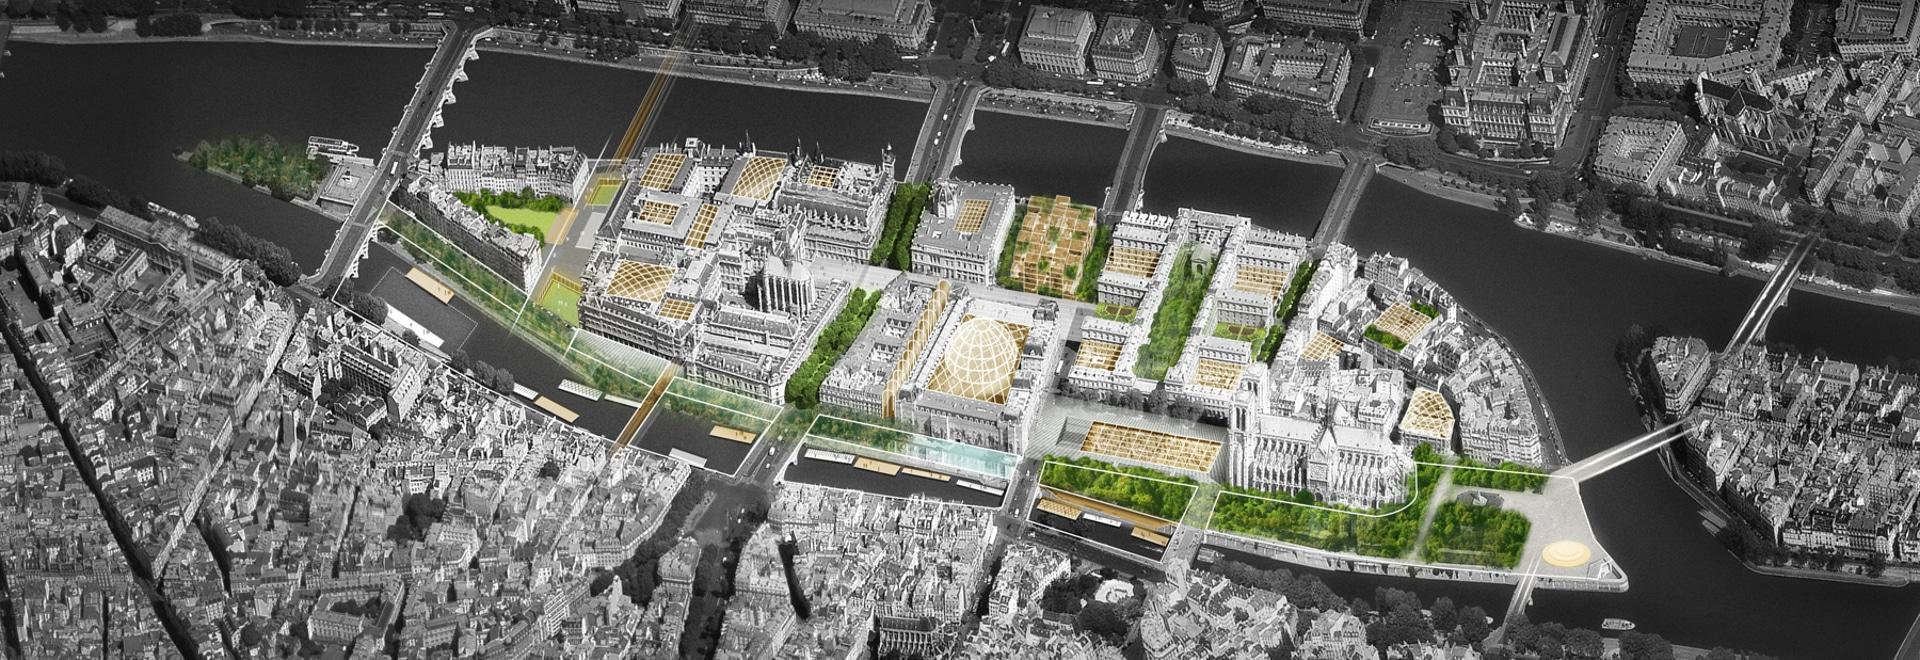 bélaval Dominique-perrault + -philippe schlagen eine viel versprechende Zukunft für Île de la Cité in Paris vor